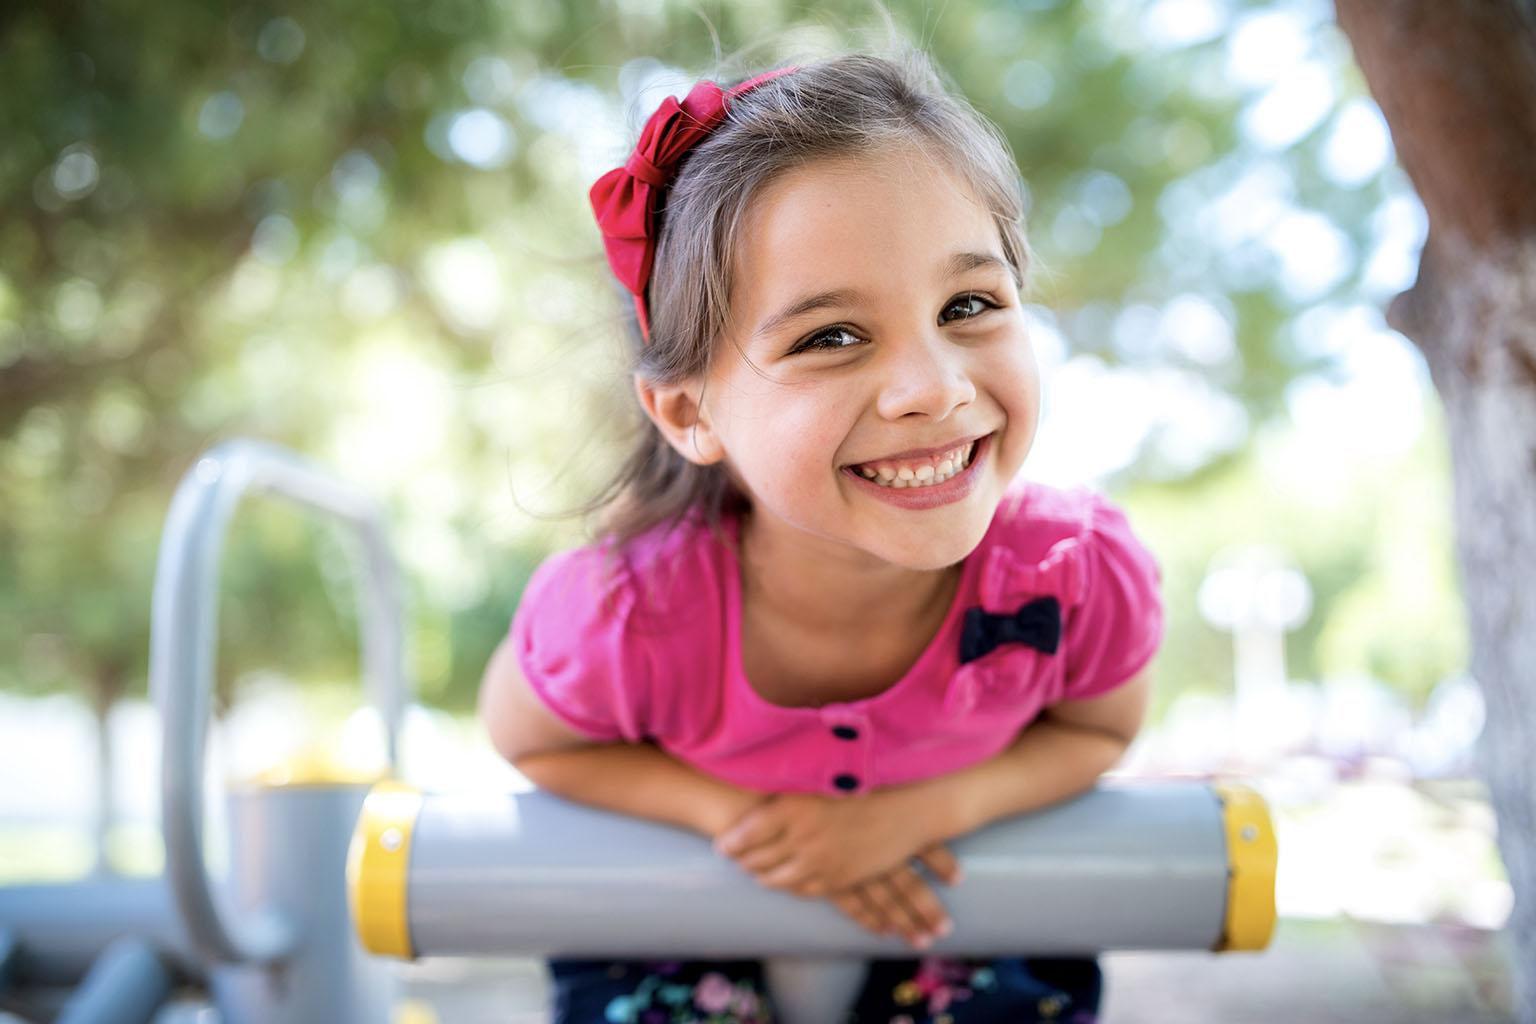 Jak rozwijać kreatywność u dzieci? Mała dziewczynka na placu zabaw uśmiecha się do aparatu.